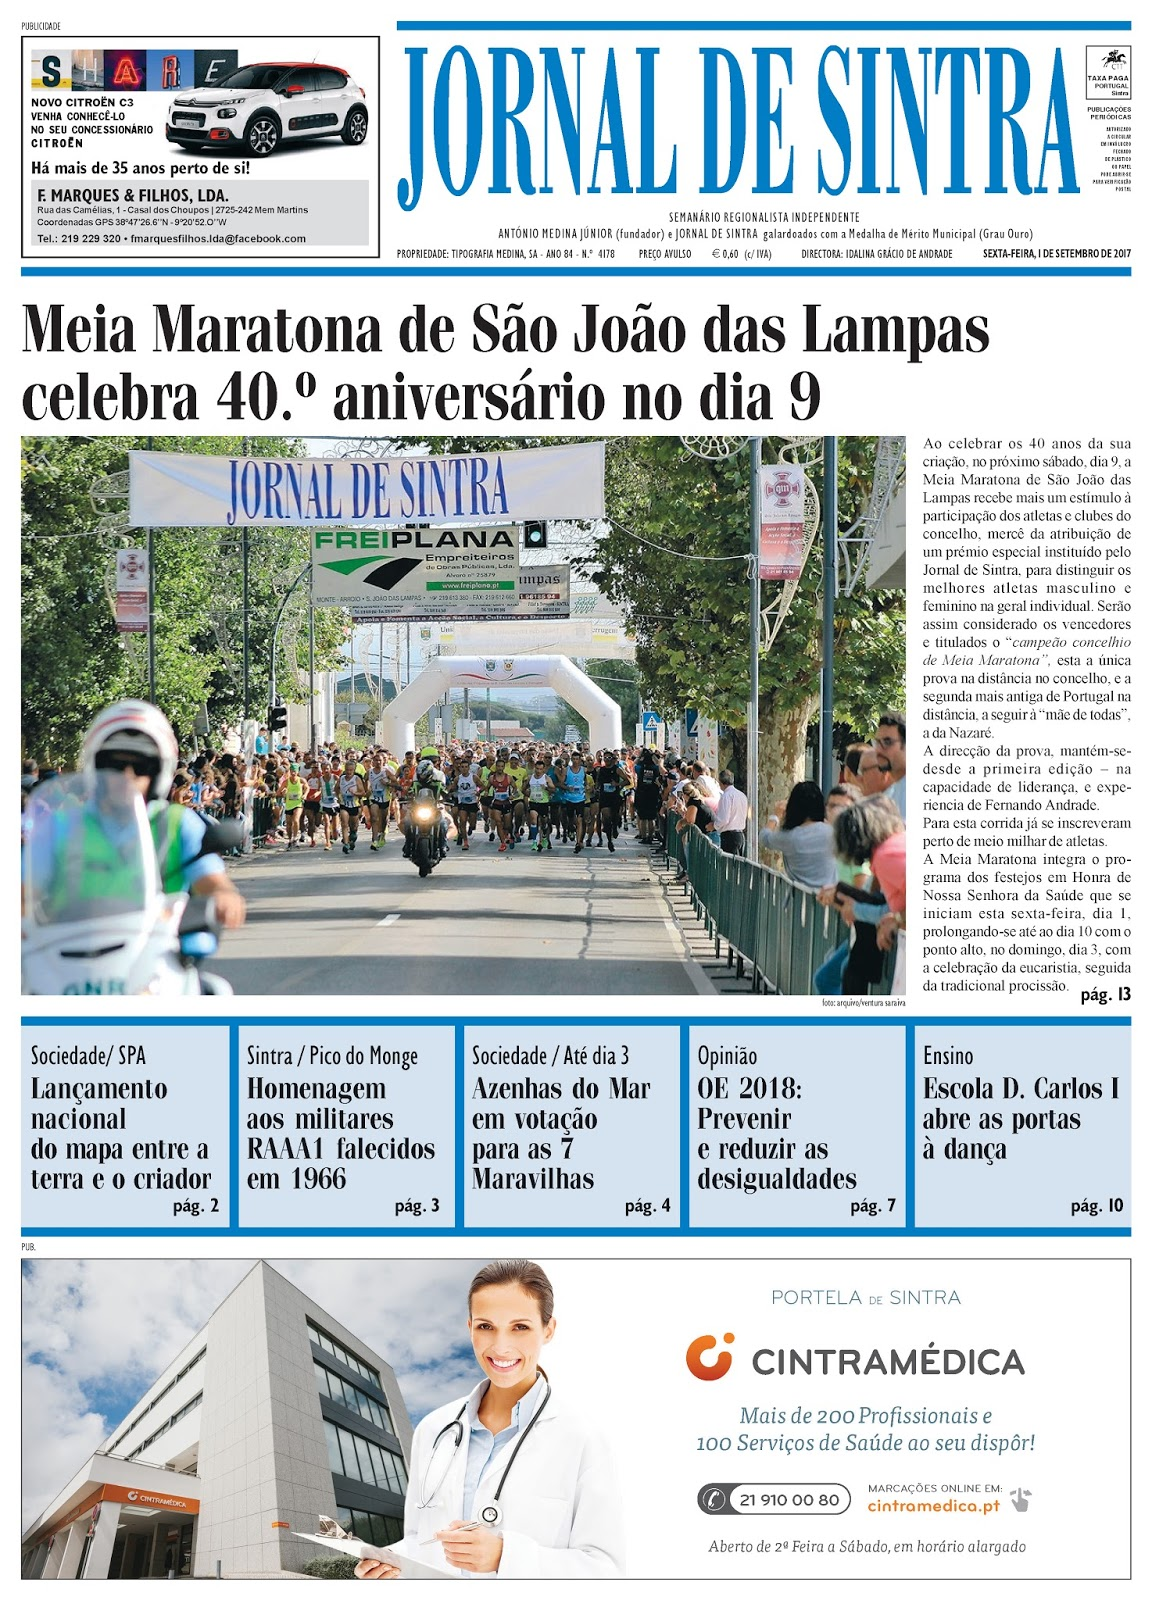 Capa da edição de 01-09-2017